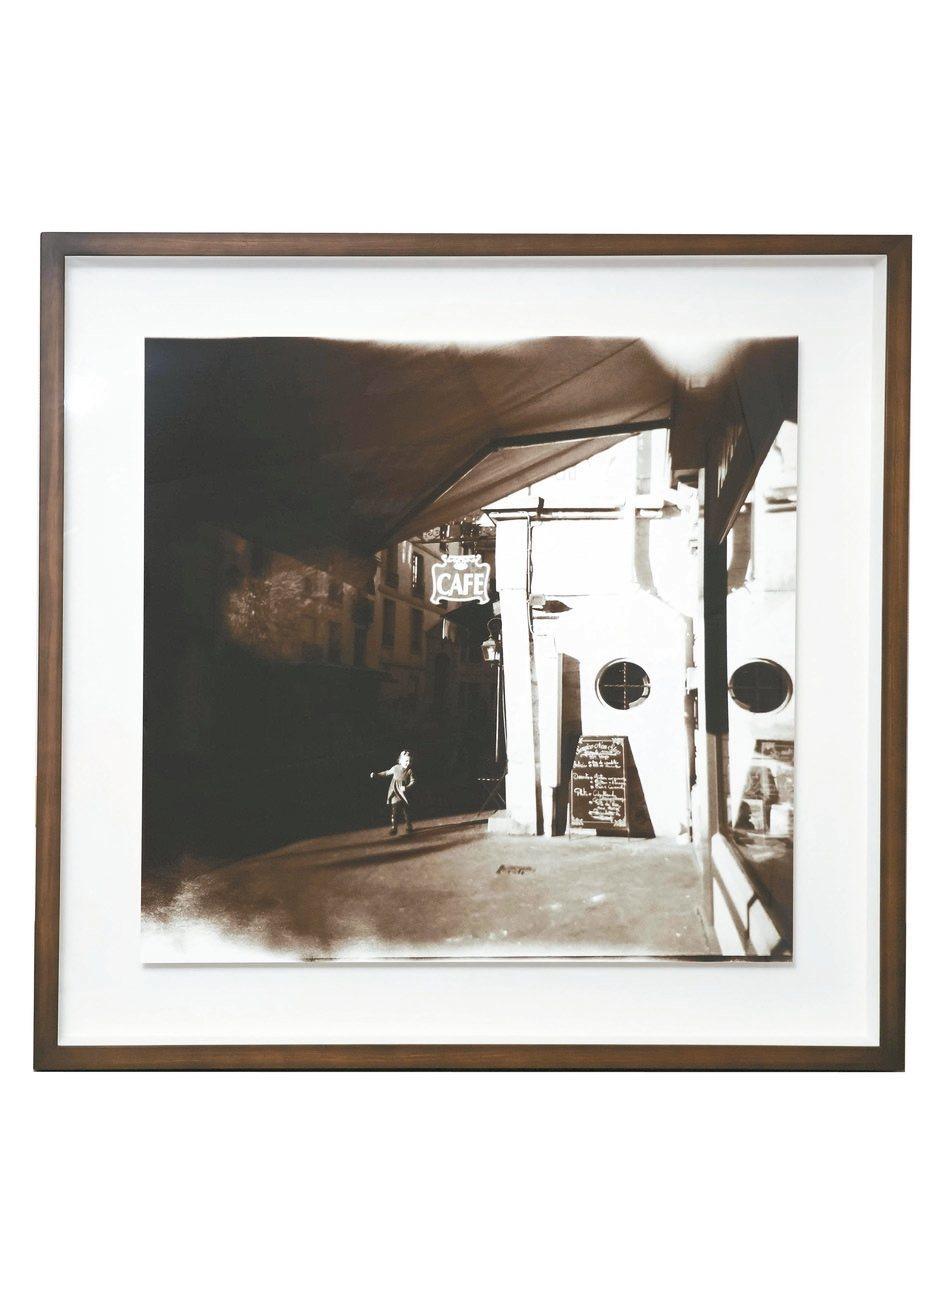 劉芳伶的先生王詩雲是攝影藝術者,這幅巴黎街頭的攝影作品一直掛在她的辦公室。 圖/...